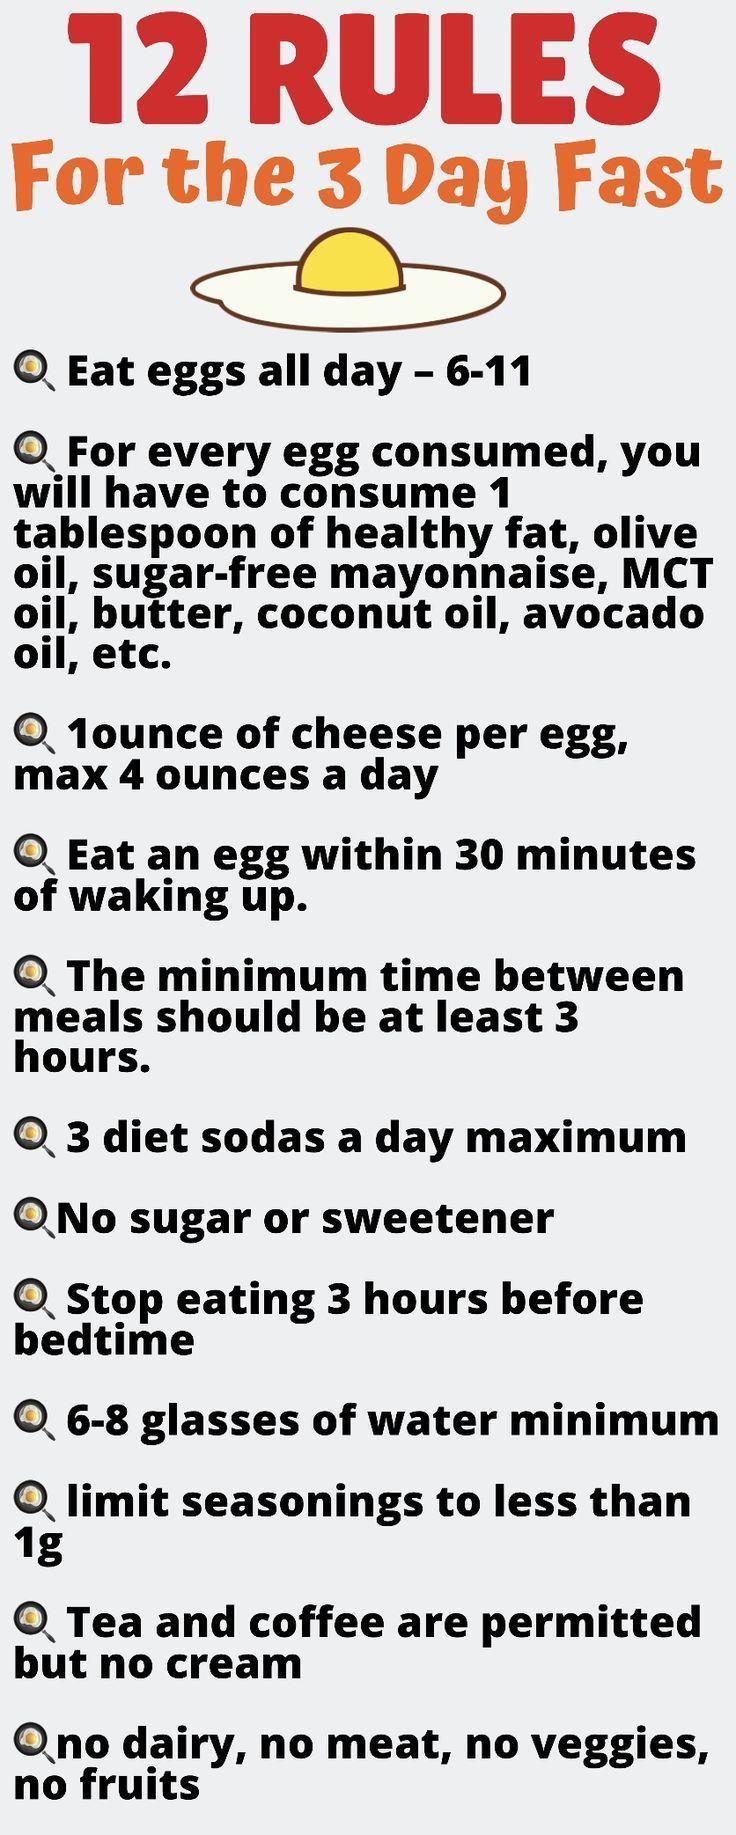 12 Rules For The 3 Day Egg Fast In 2020 Egg Fast Diet Egg Diet Egg Fast